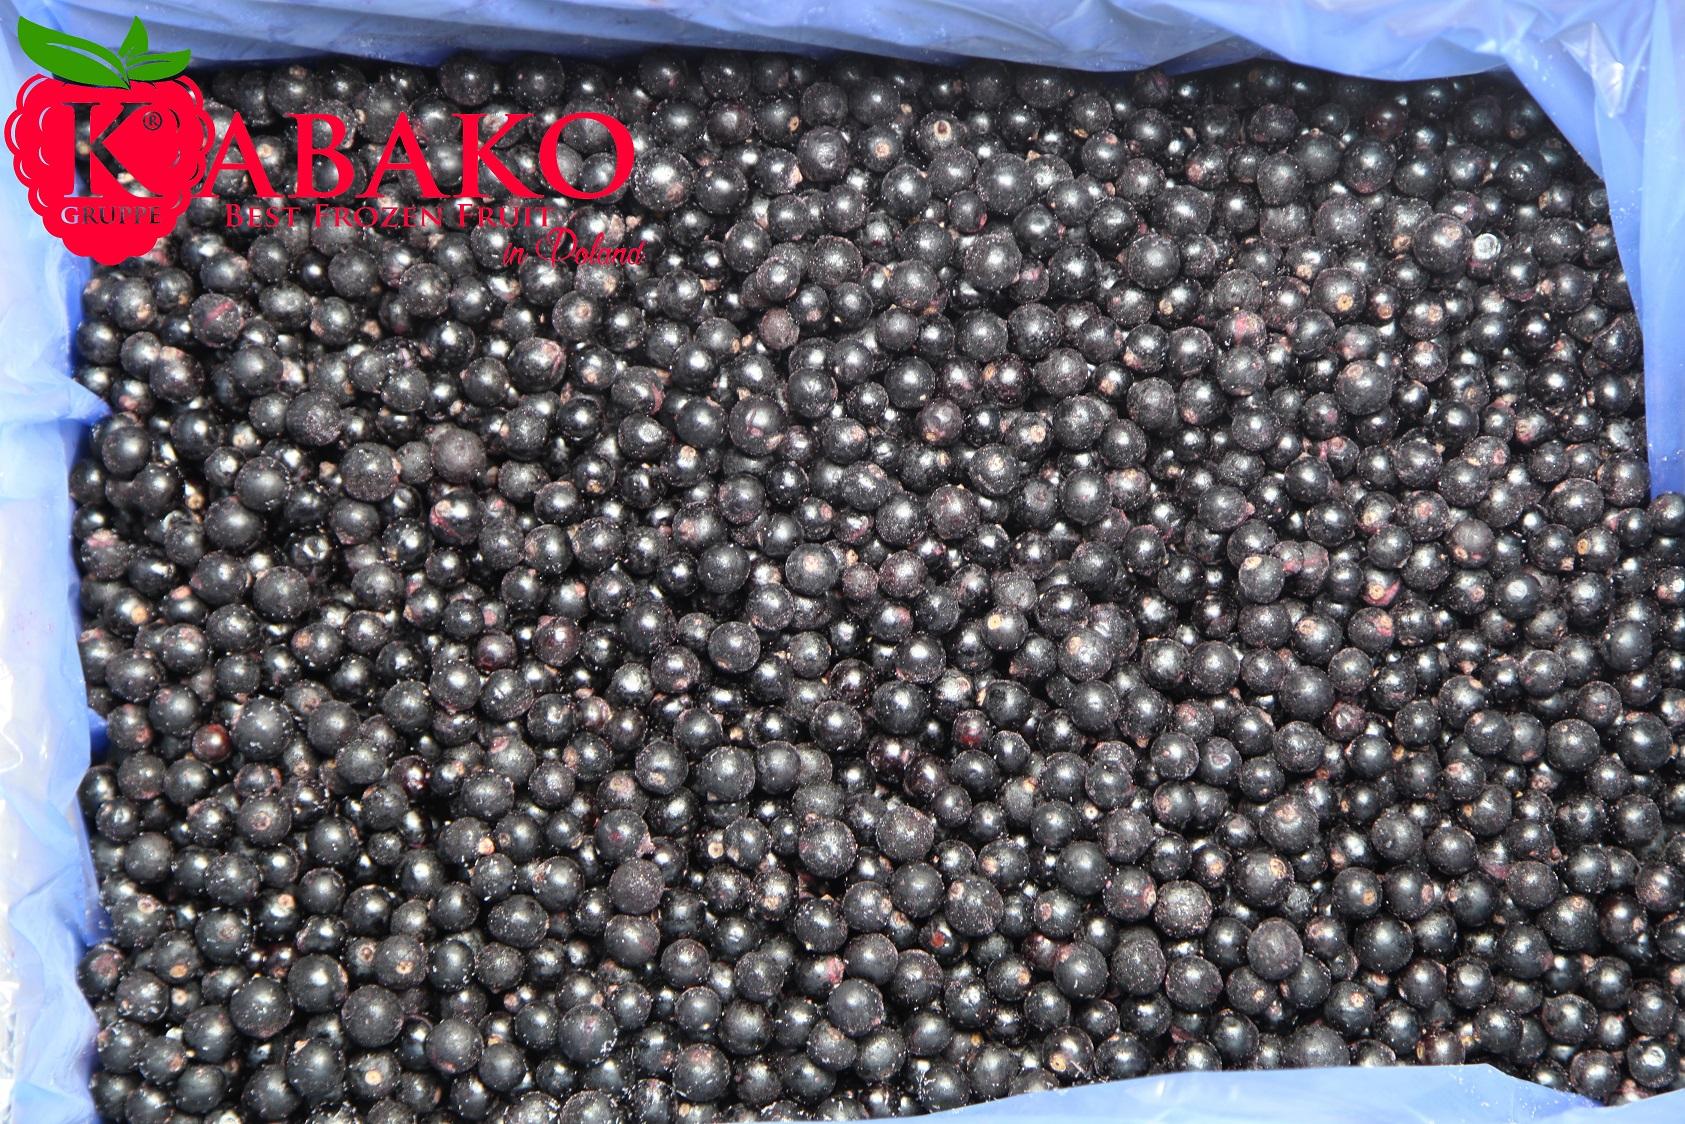 Frozen (IQF) Black Currants 2